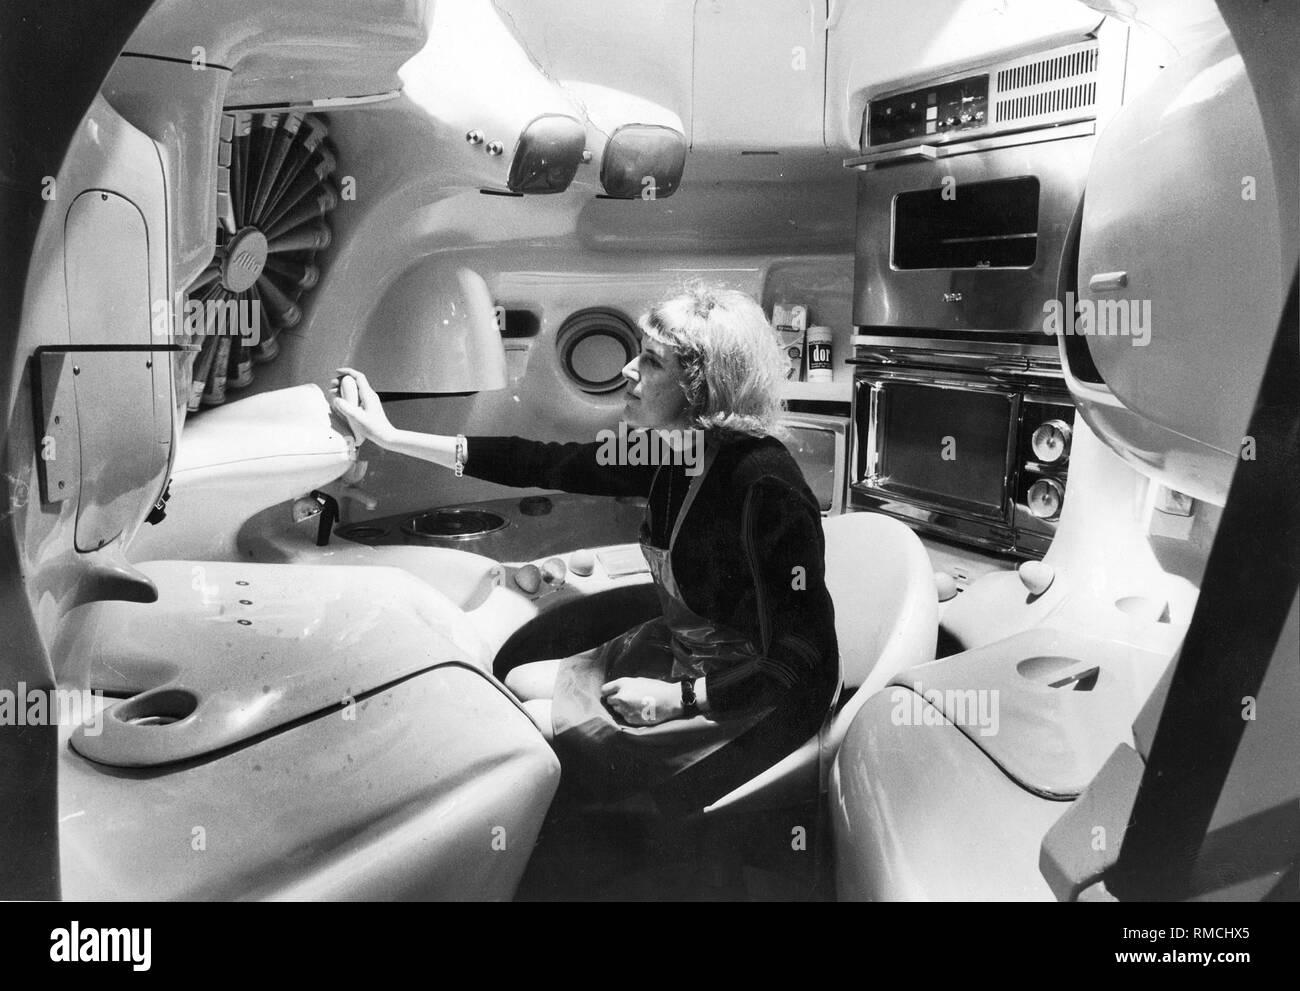 Diseñador Luigi Colani presentó este espacio estilo cocina esférica en la Feria Internacional del Mueble de Colonia en 1970. Todos los dispositivos necesarios se encuentran en la zona de alcance de ??el asiento montado de forma centralizada. La foto fue tomada en Munich, donde la cocina futurista Boehmler fue mostrada en la tienda de muebles. Imagen De Stock